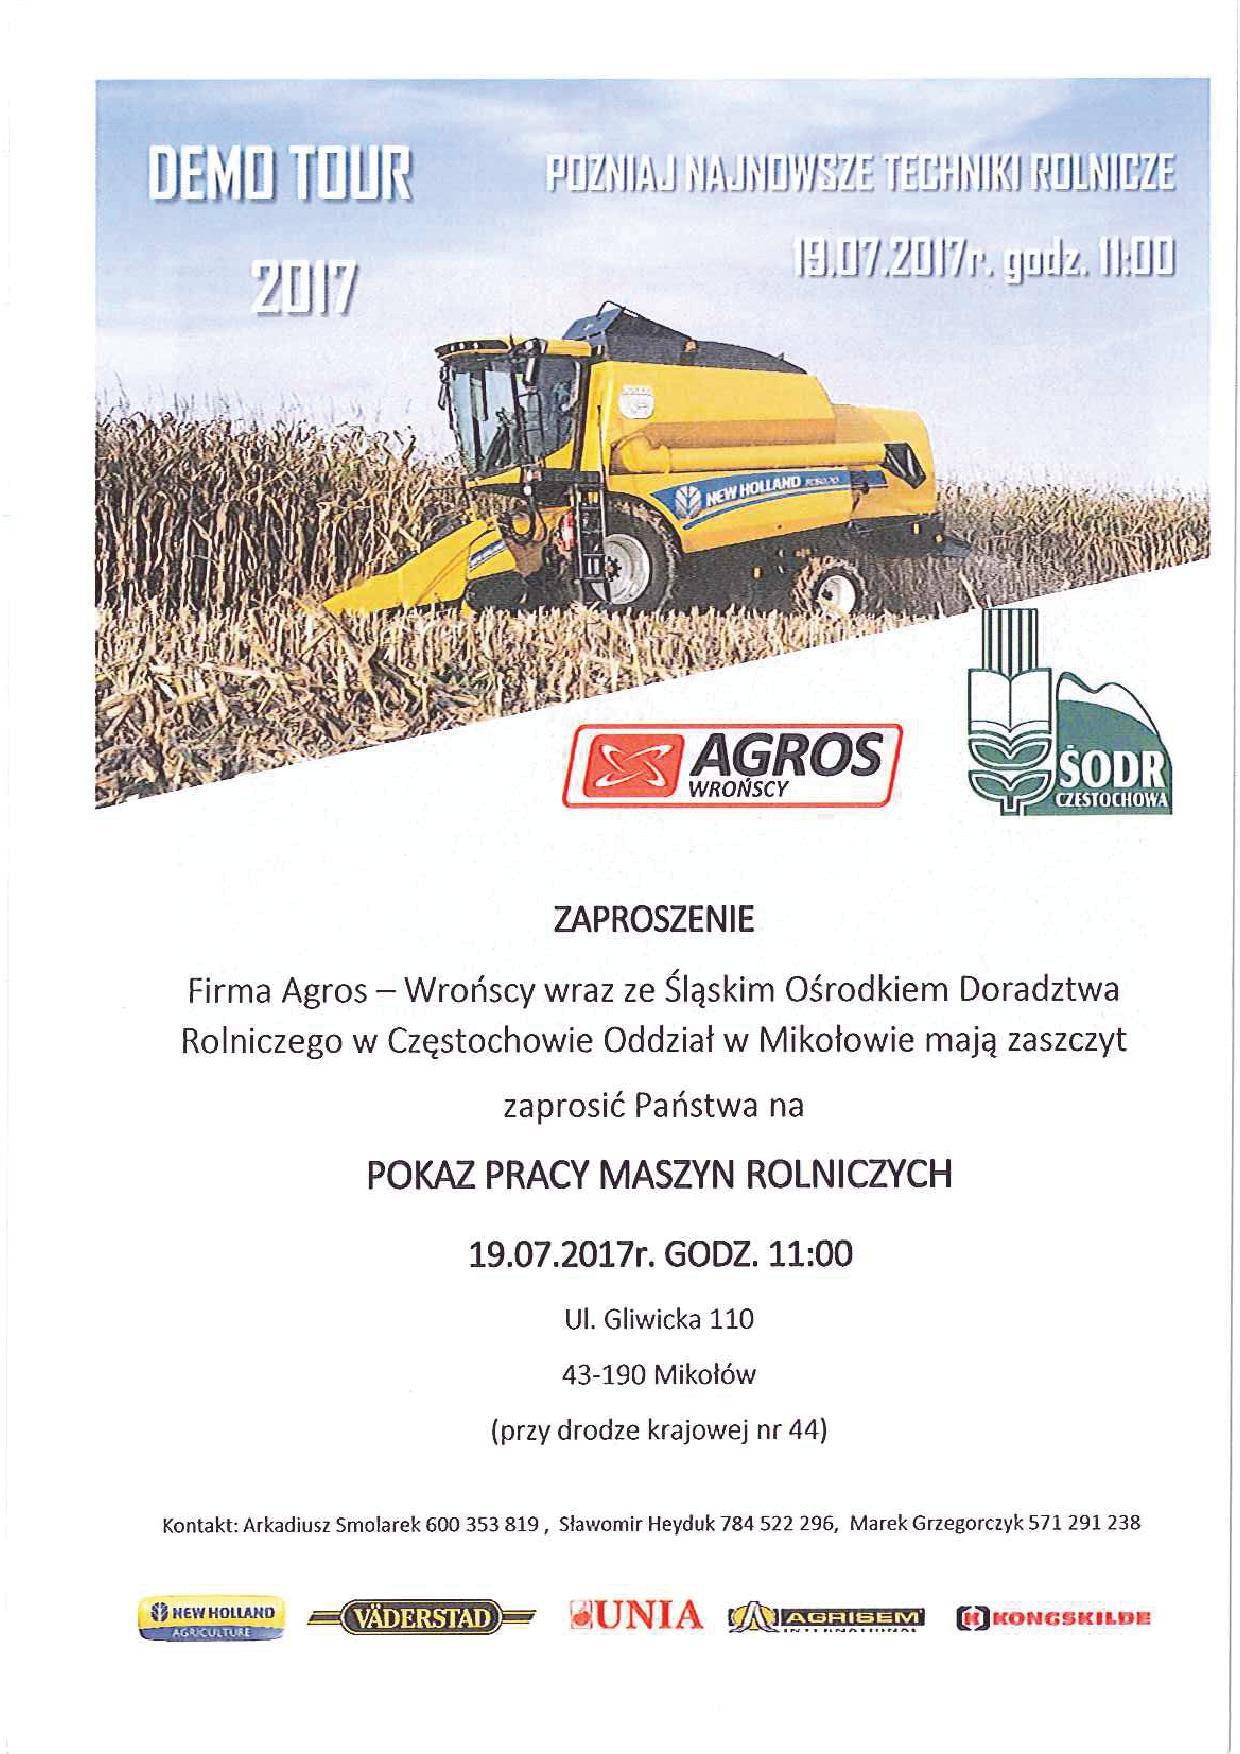 ea9dc418fd73c9 Informacja Prezesa Kasy Rolniczego Ubezpieczenia Społecznego – bezpieczna  praca w gospodarstwie rolnym